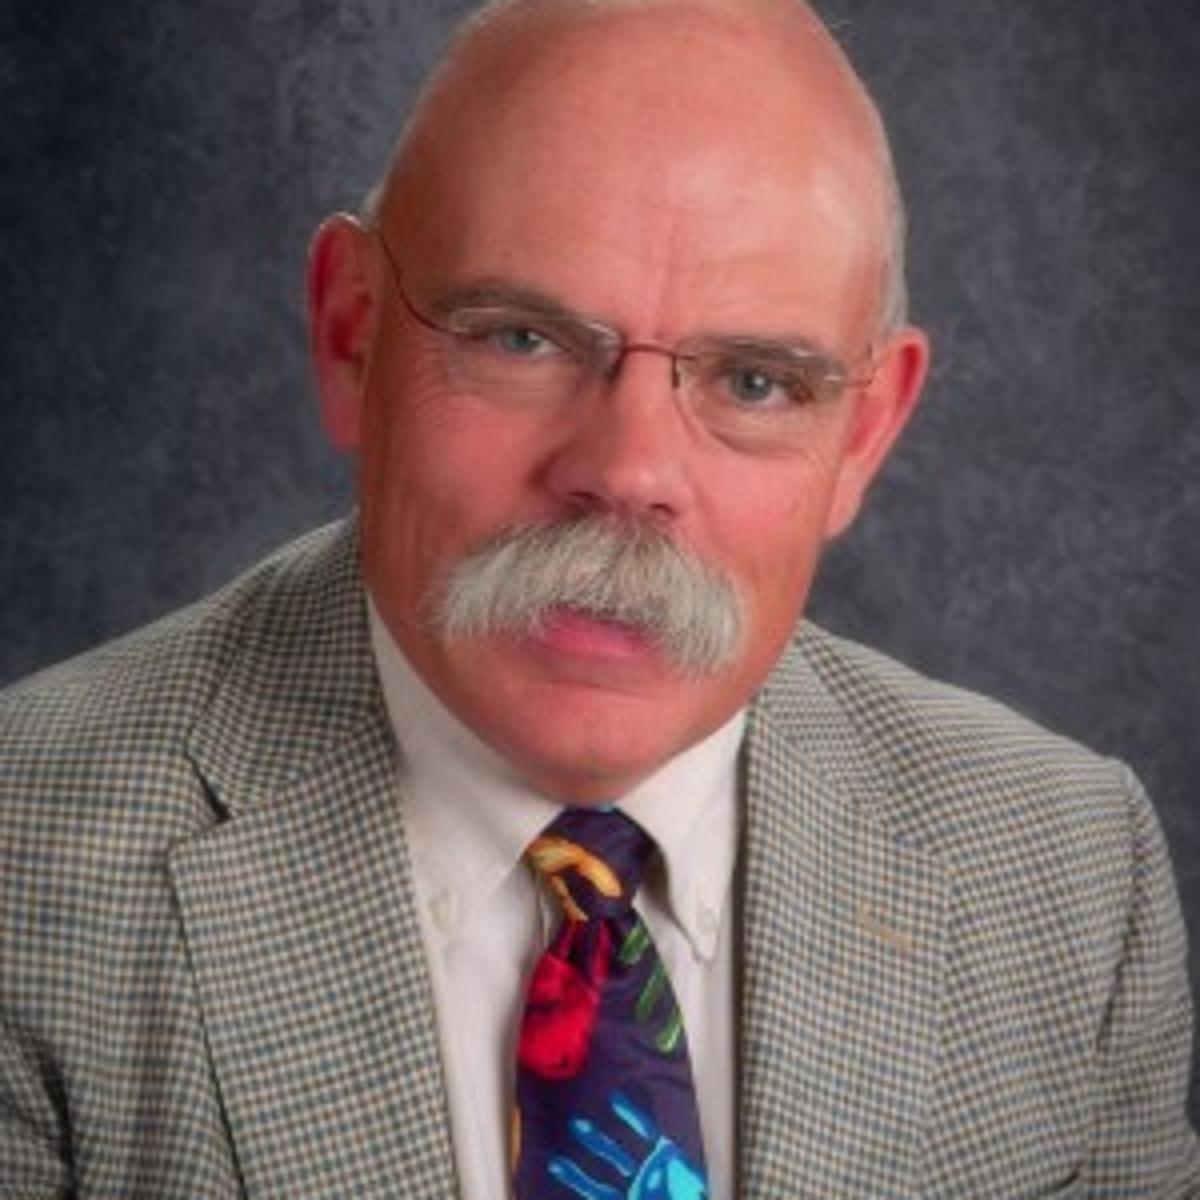 Bruce messinger resume esl persuasive essay writers sites for college